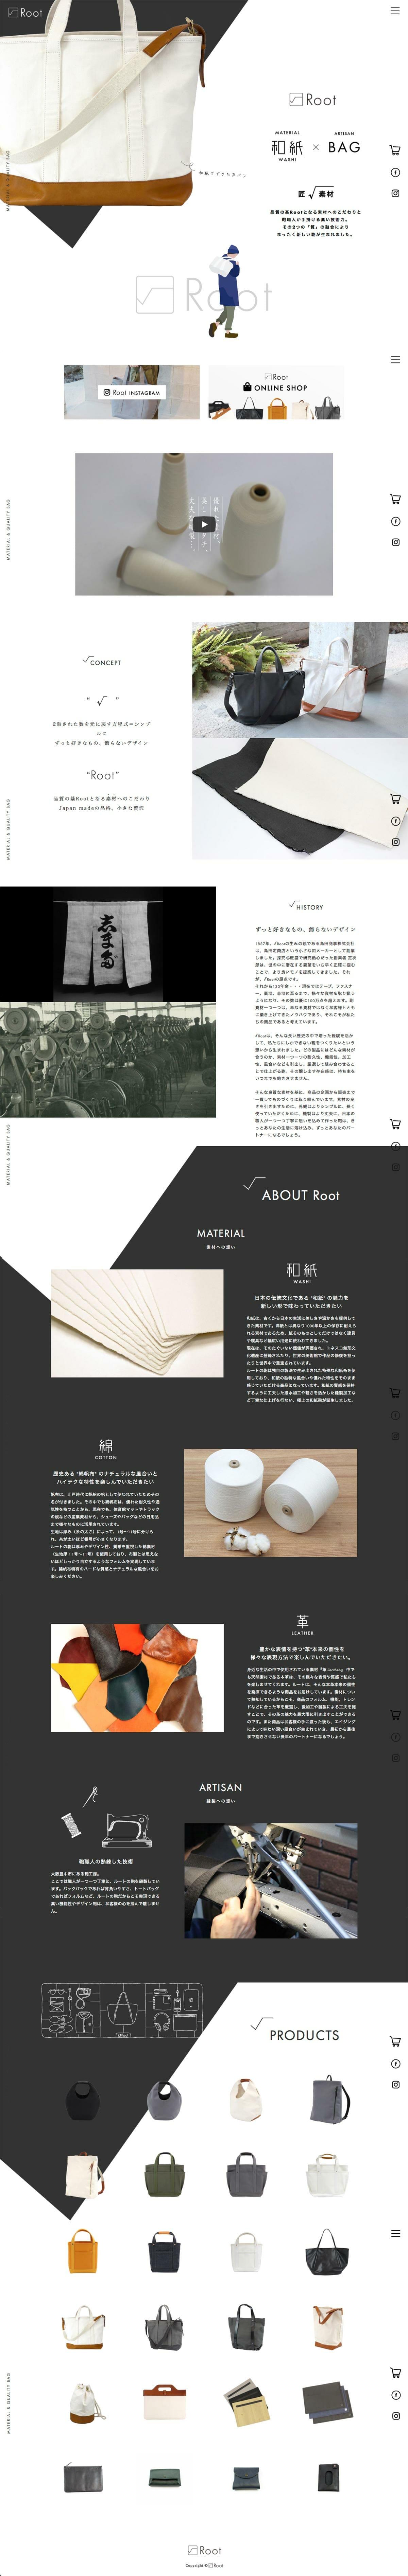 Root ブランドWEBサイト